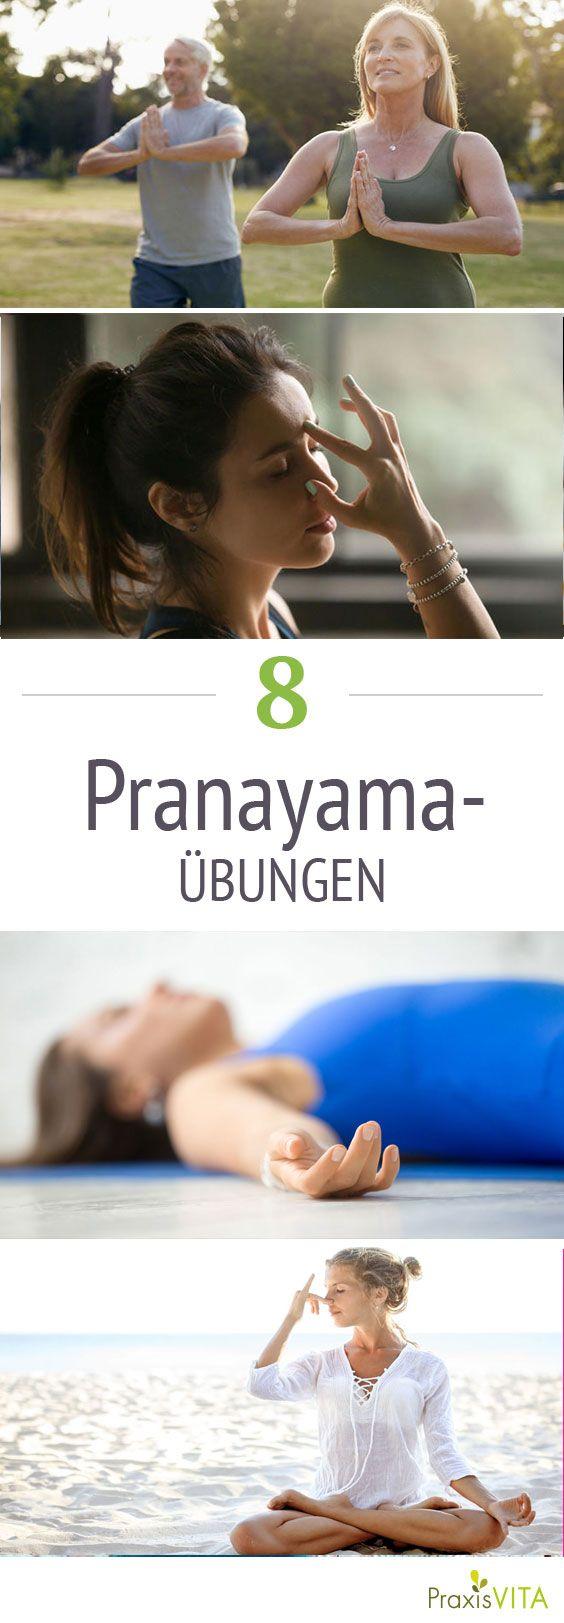 """Mit diesen acht """"Pranayama""""-Übungen regen Sie Durchblutung, Stoffwechsel und Ihr Immunsystem an, Sie werden gelassener, konzentrierter – und sehen auch noch jünger aus!"""